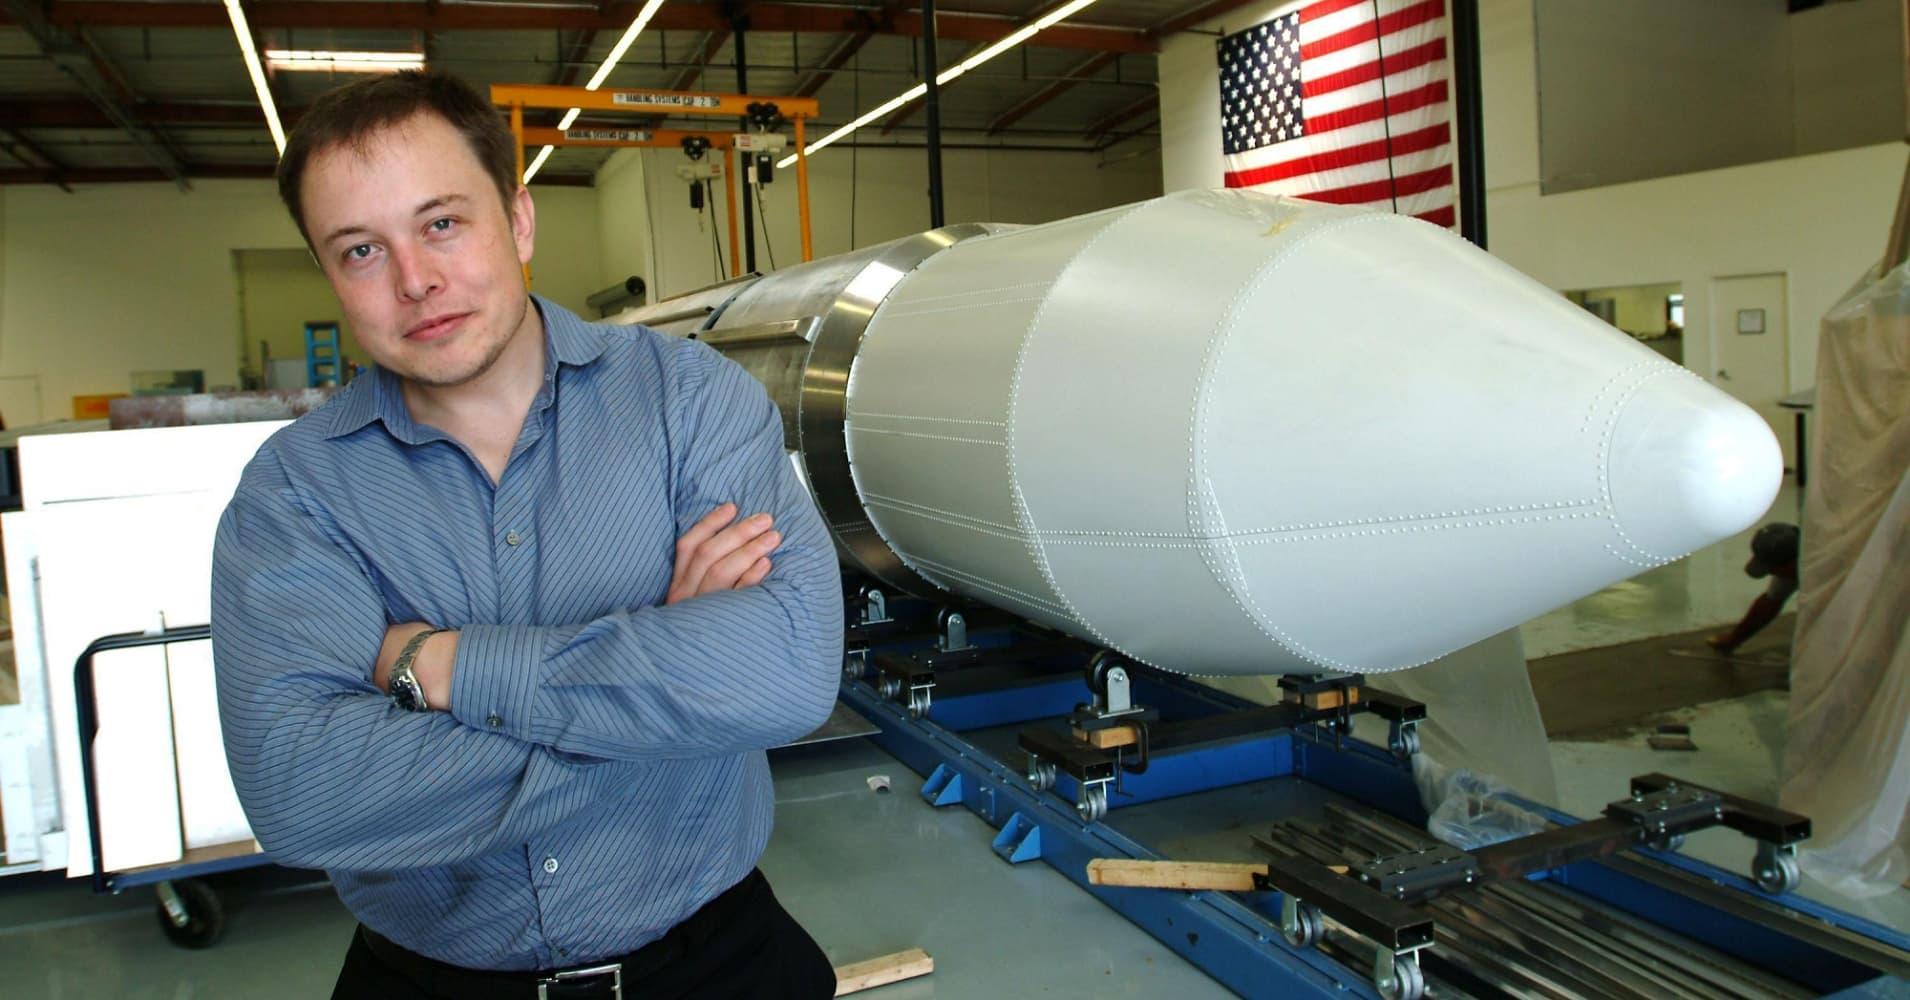 Elon Musk stands beside a rocket March 19, 2004 in El Segundo, Los Angeles, California.